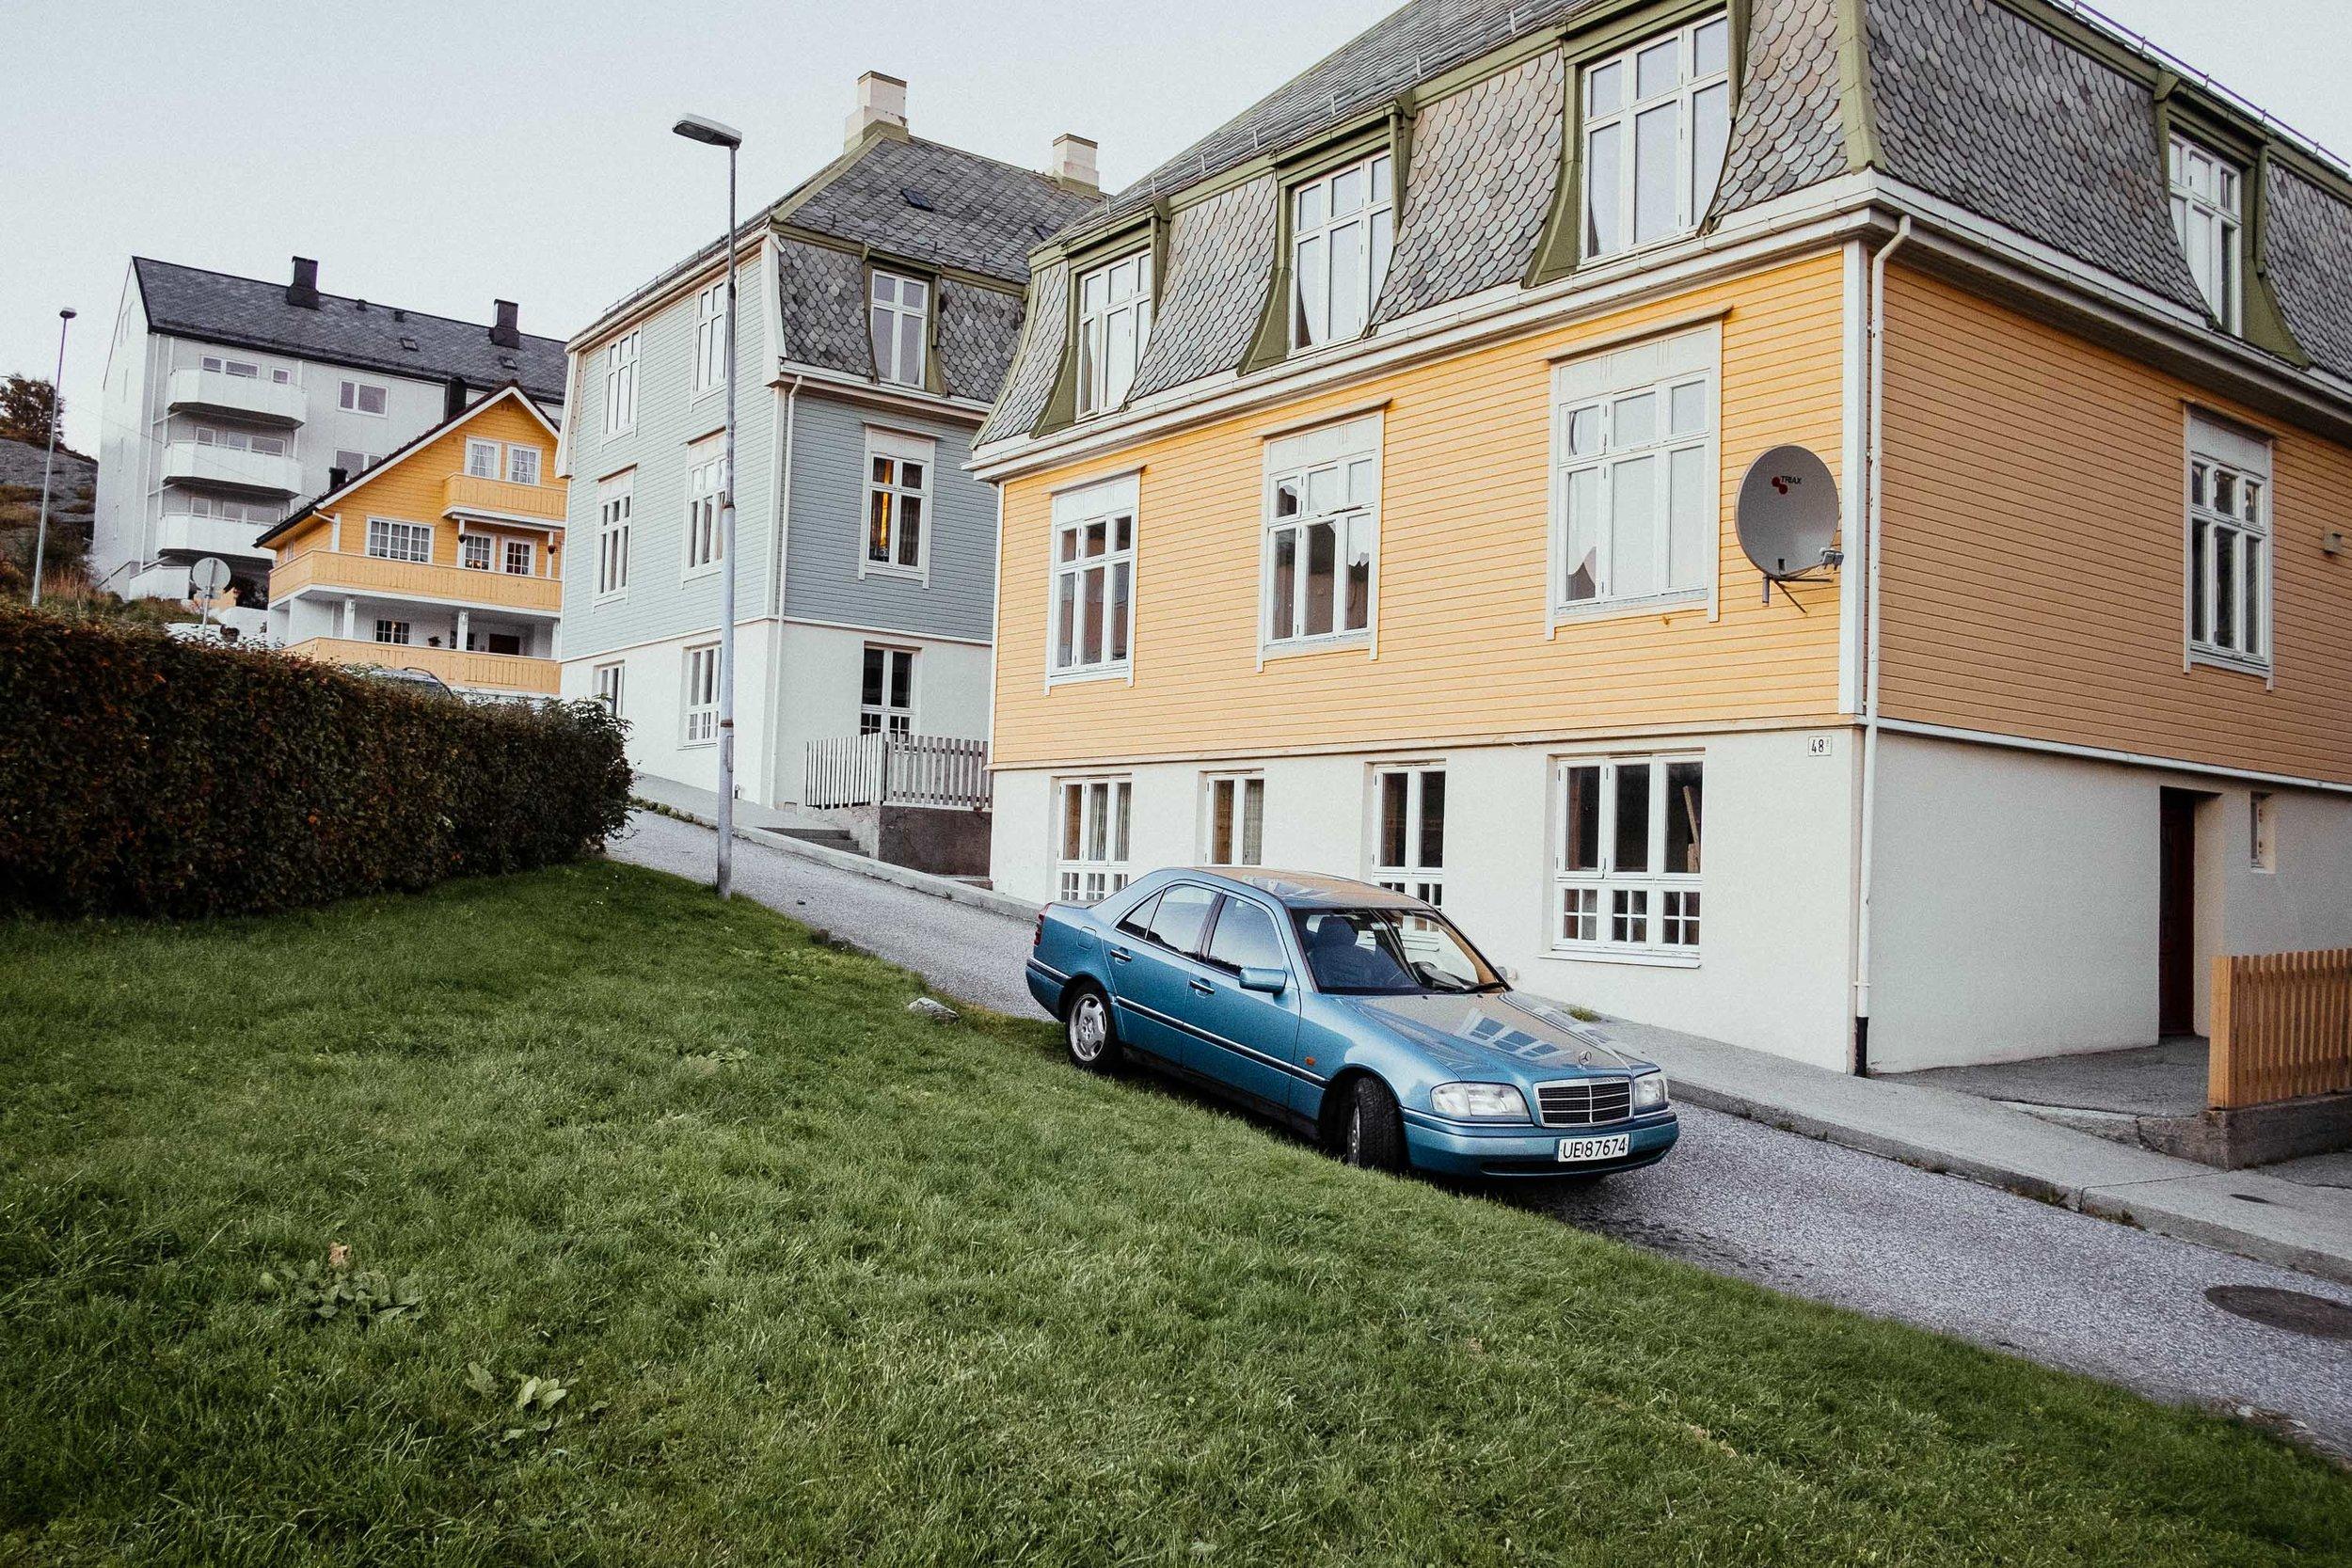 Norway_MaxHartmann-5337.jpg